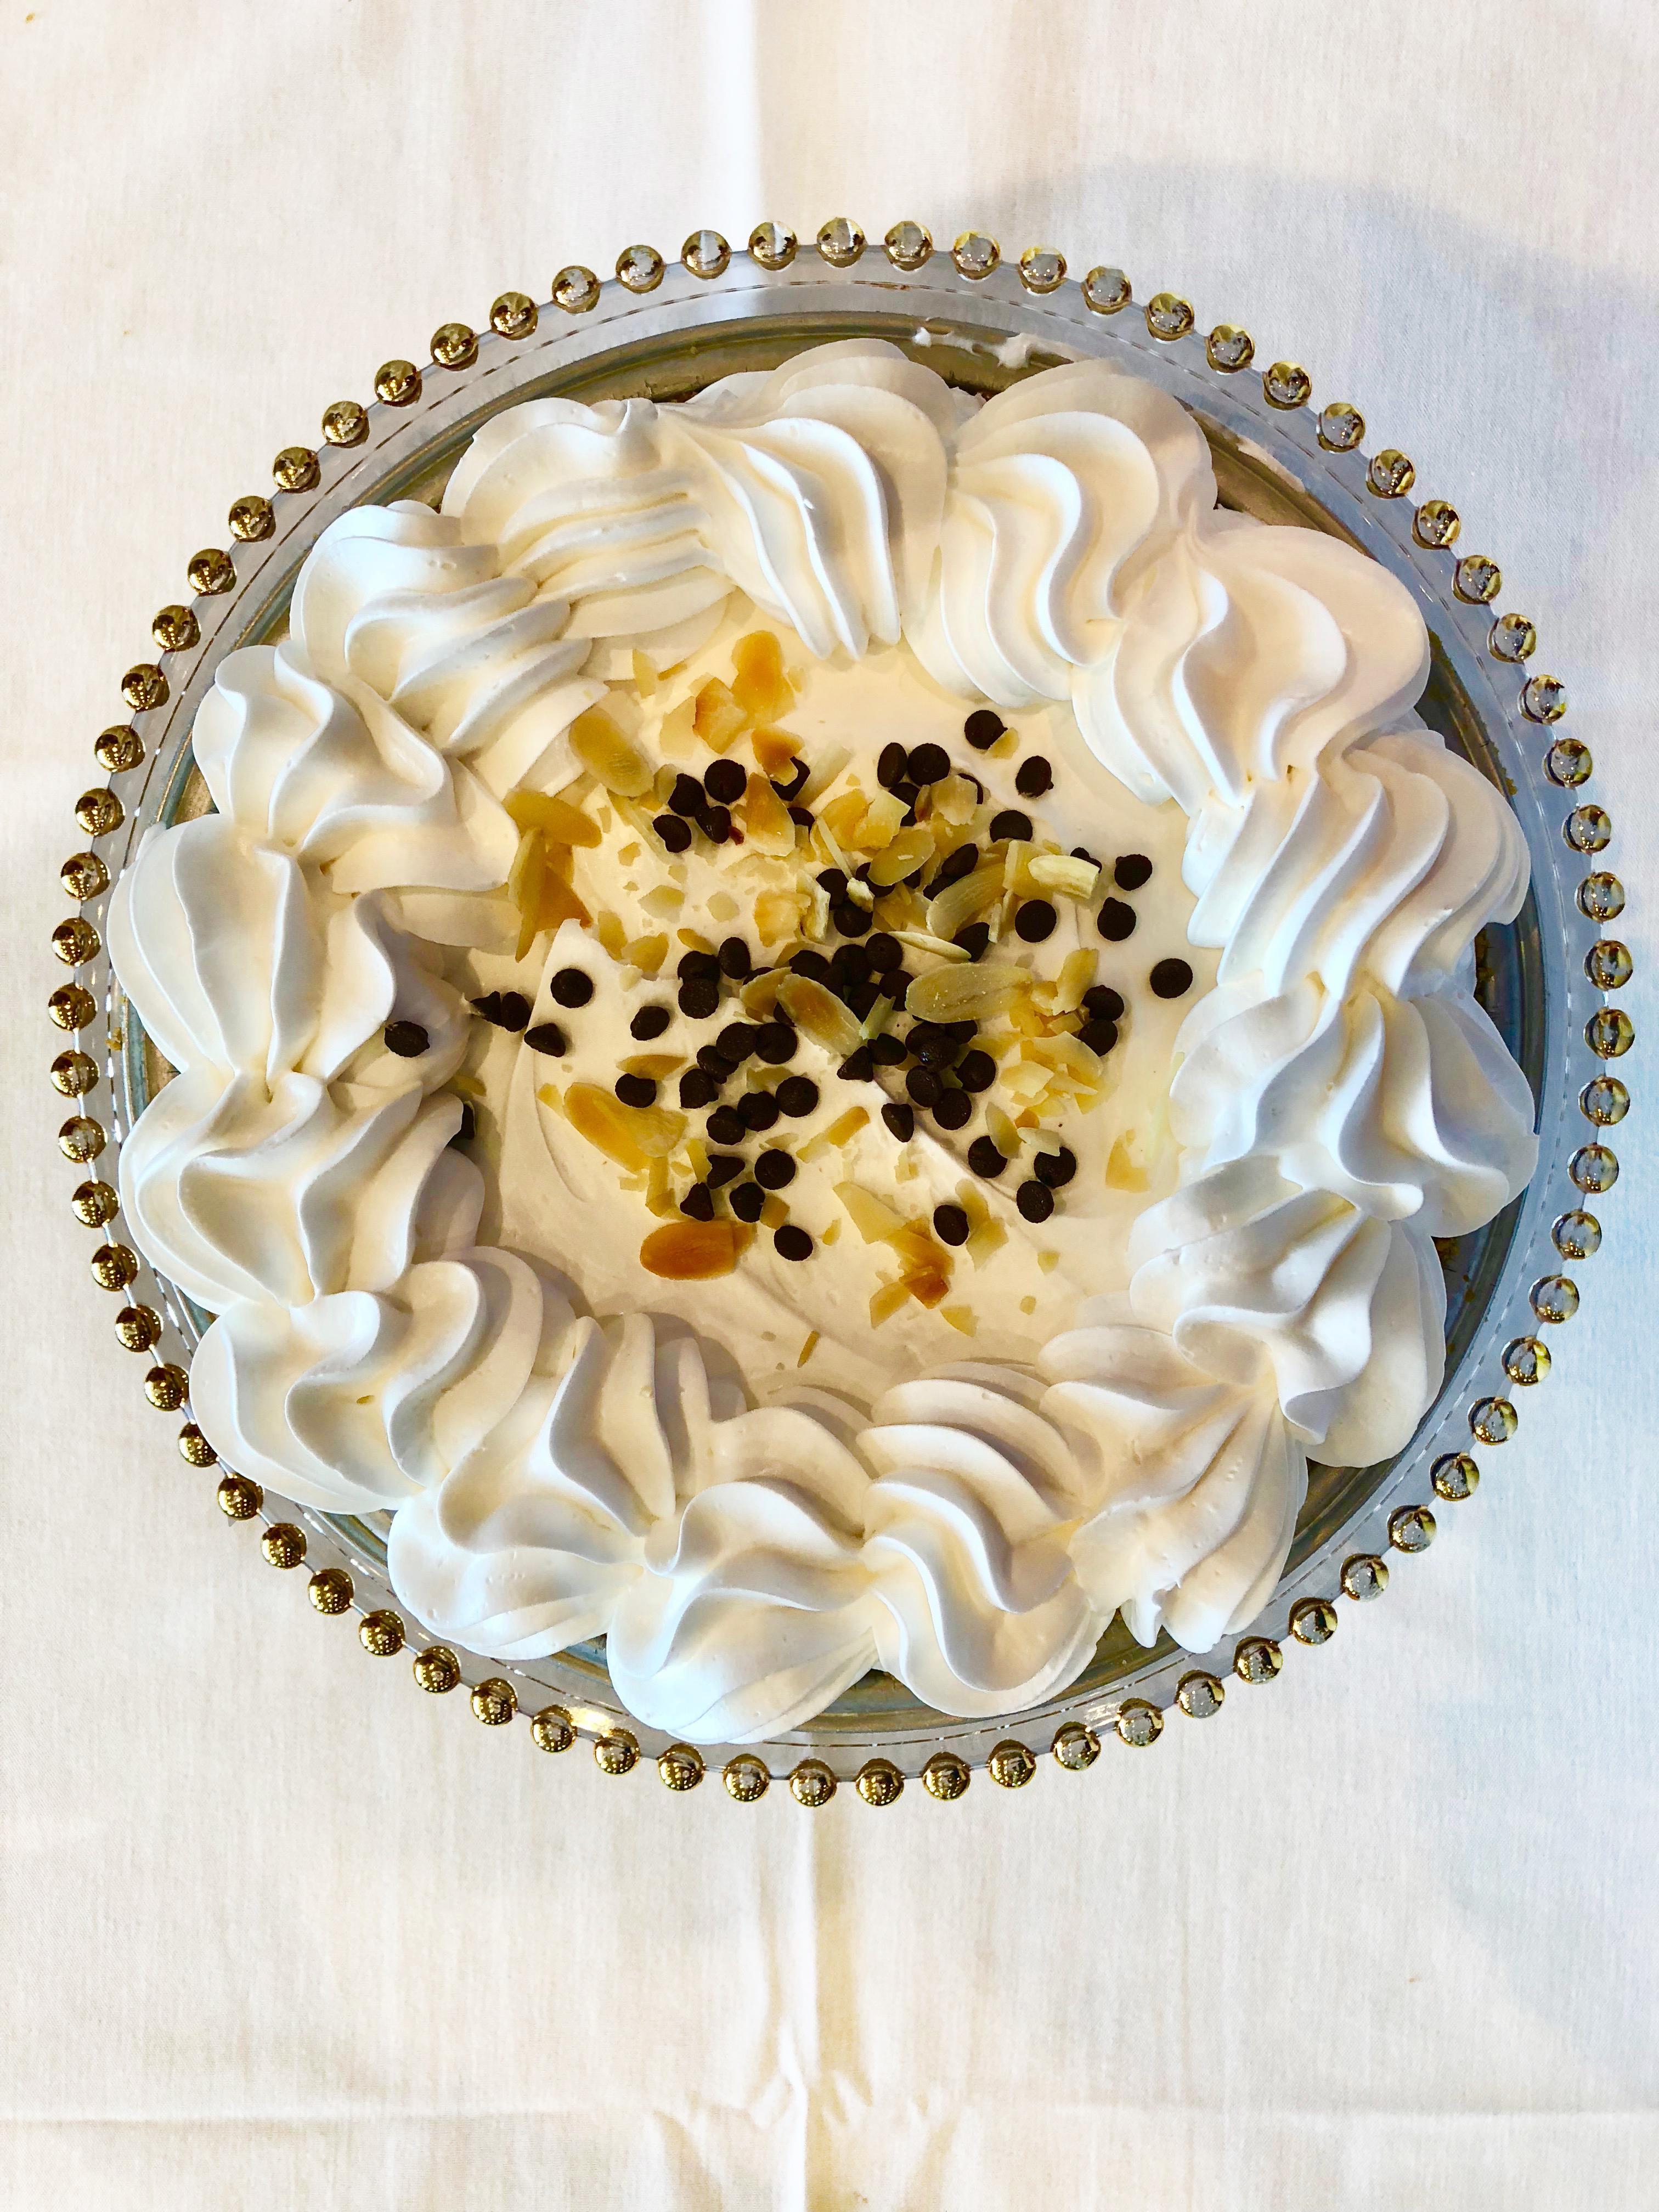 Whole Chocolate Silk Pie Image